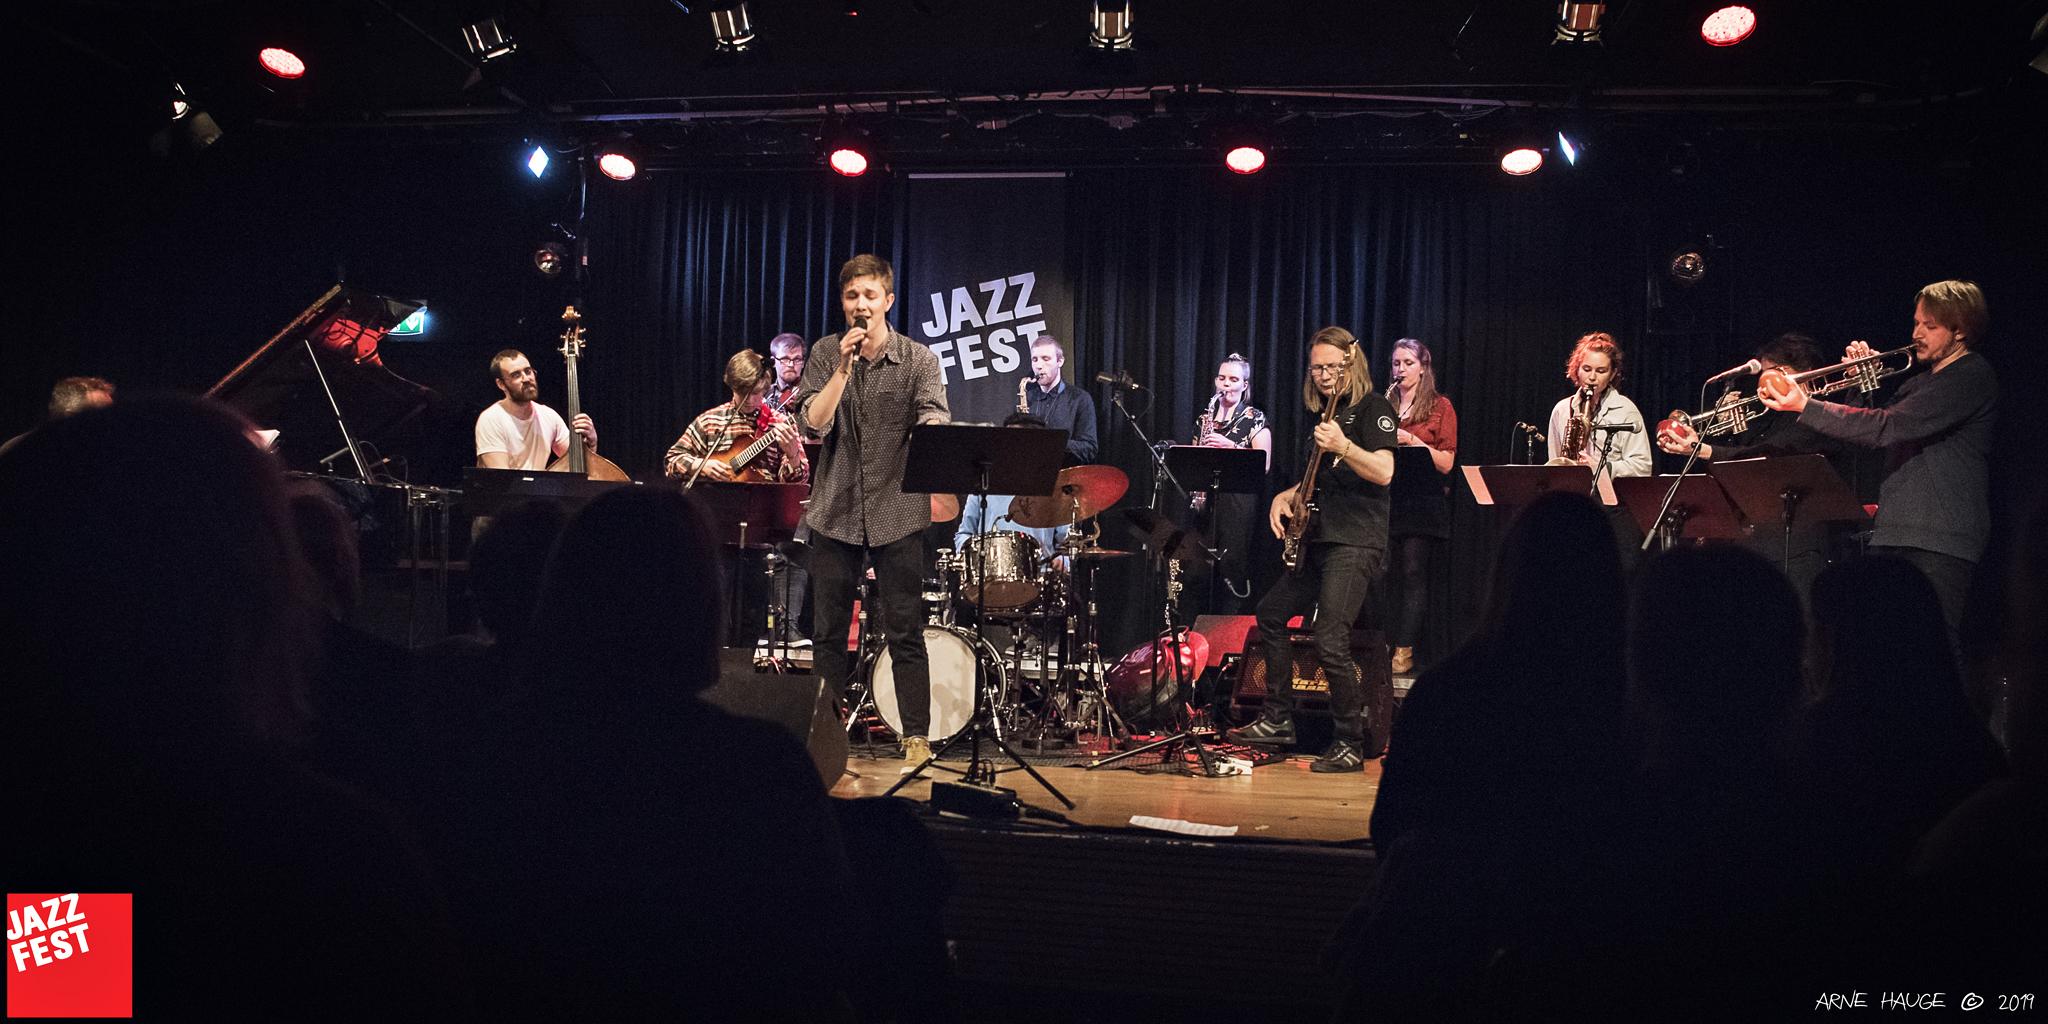 NTNU JazzEnsemble under ledelse av ERlend Skomsvoll på NTNU Jazzlinjas festkonsert på Dokkhuset. Foto: Arne Hauge